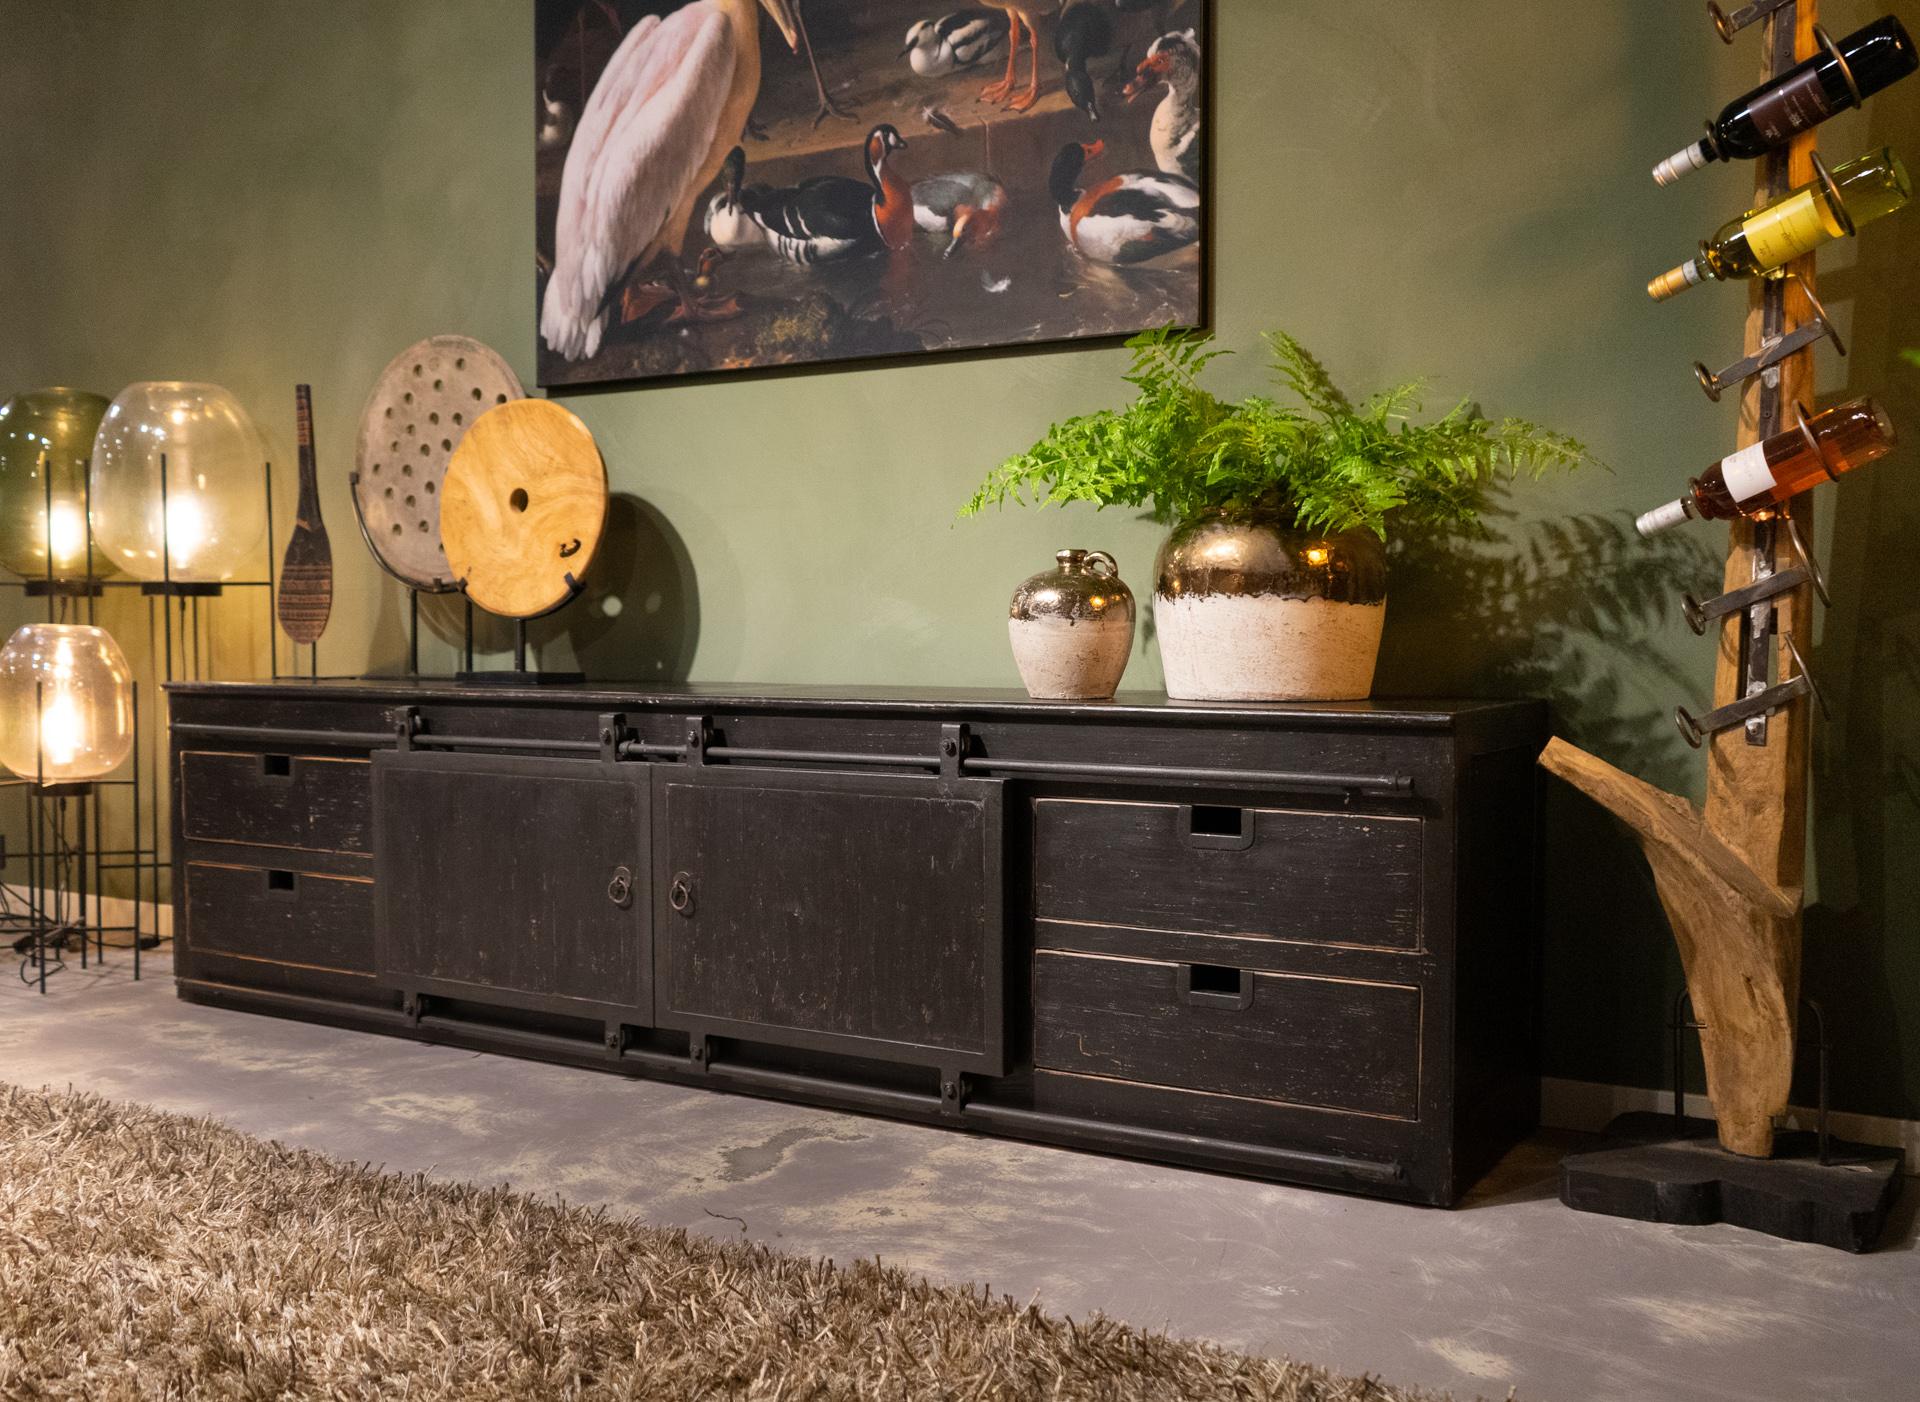 tv-meubl met deuren en laden